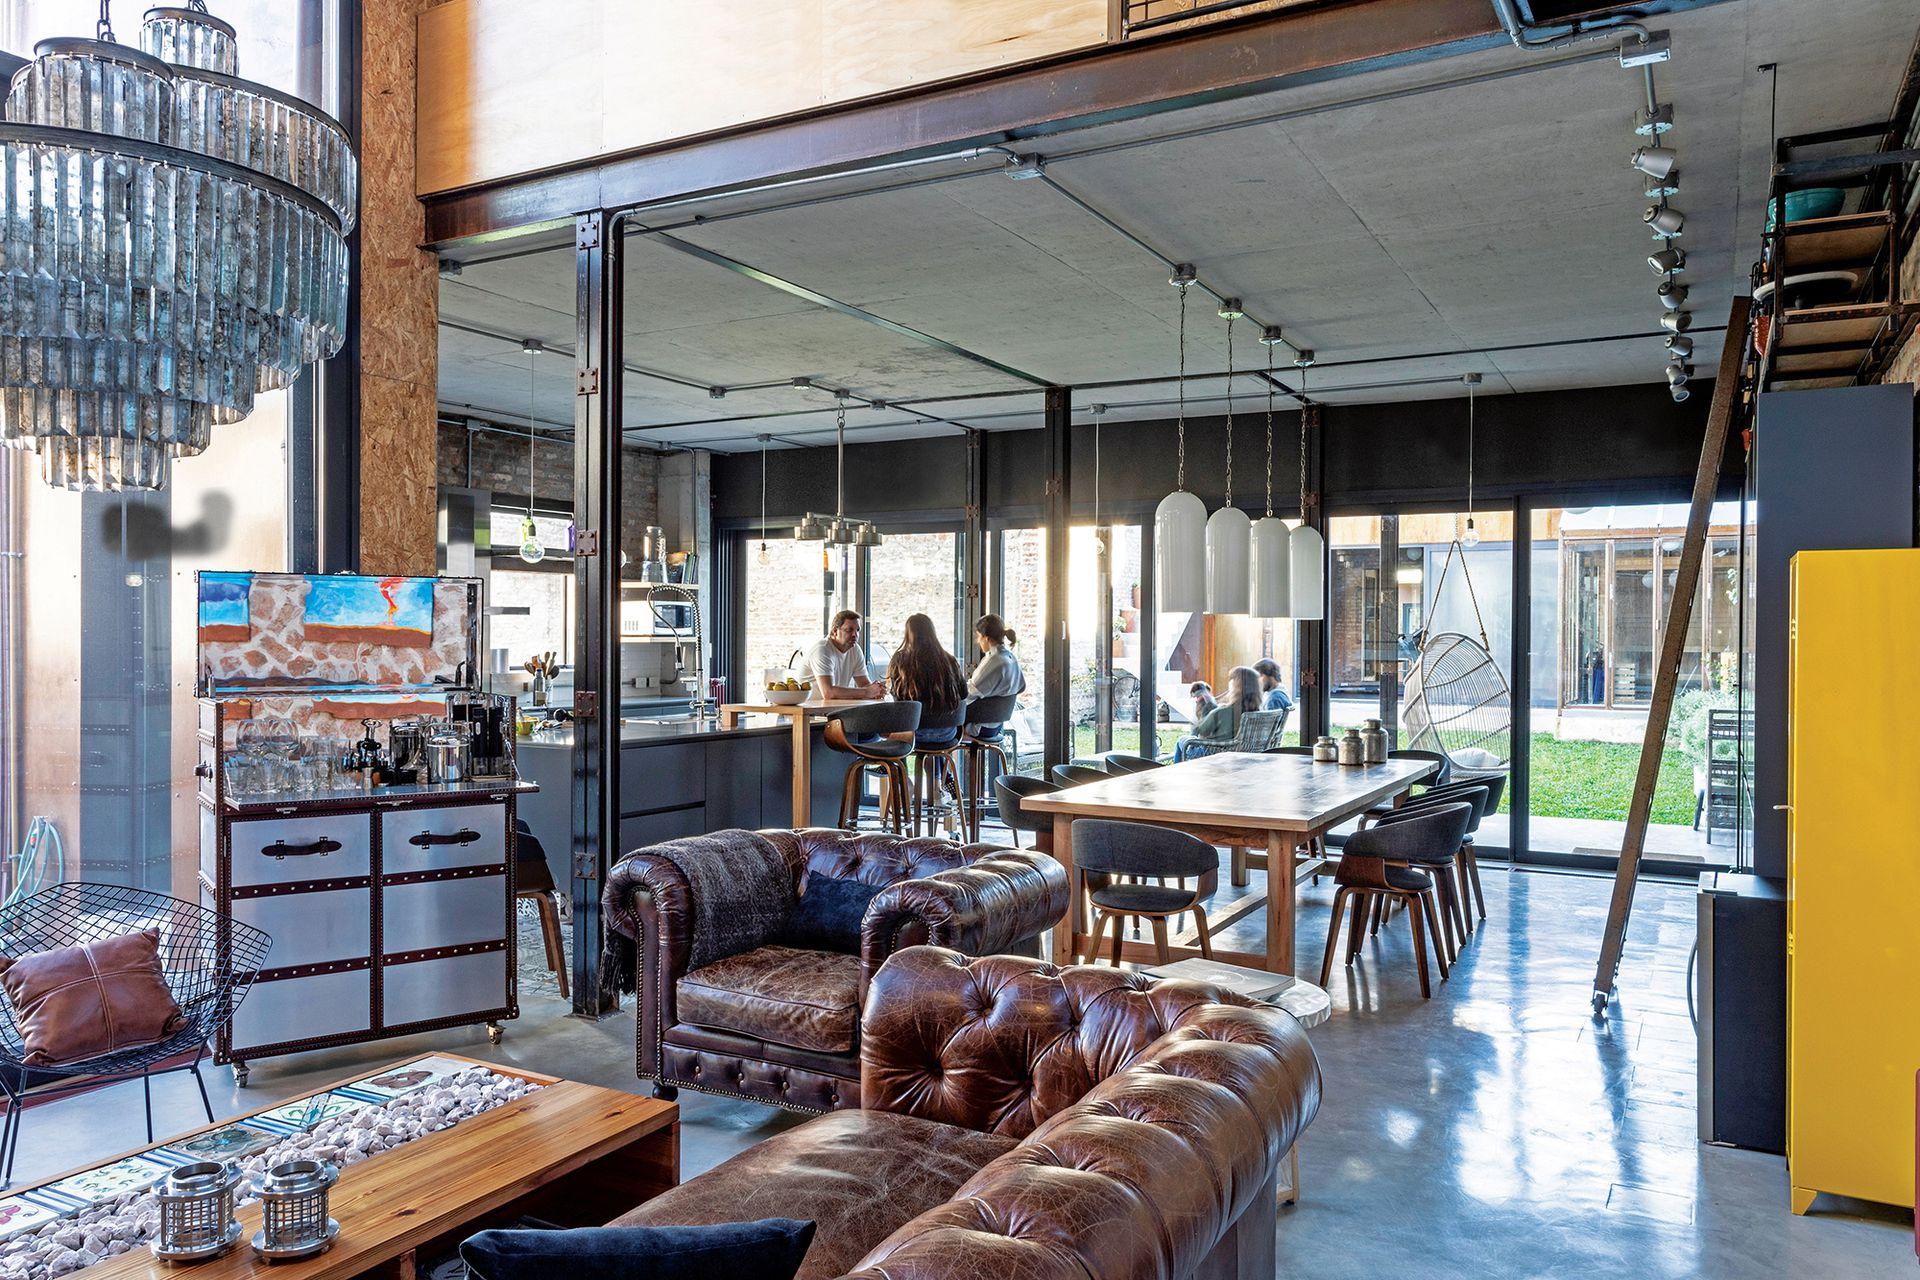 En el comedor, lámparas colgantes (Paul French Gallery). Las sillas son modelo Lund (desillas.com).